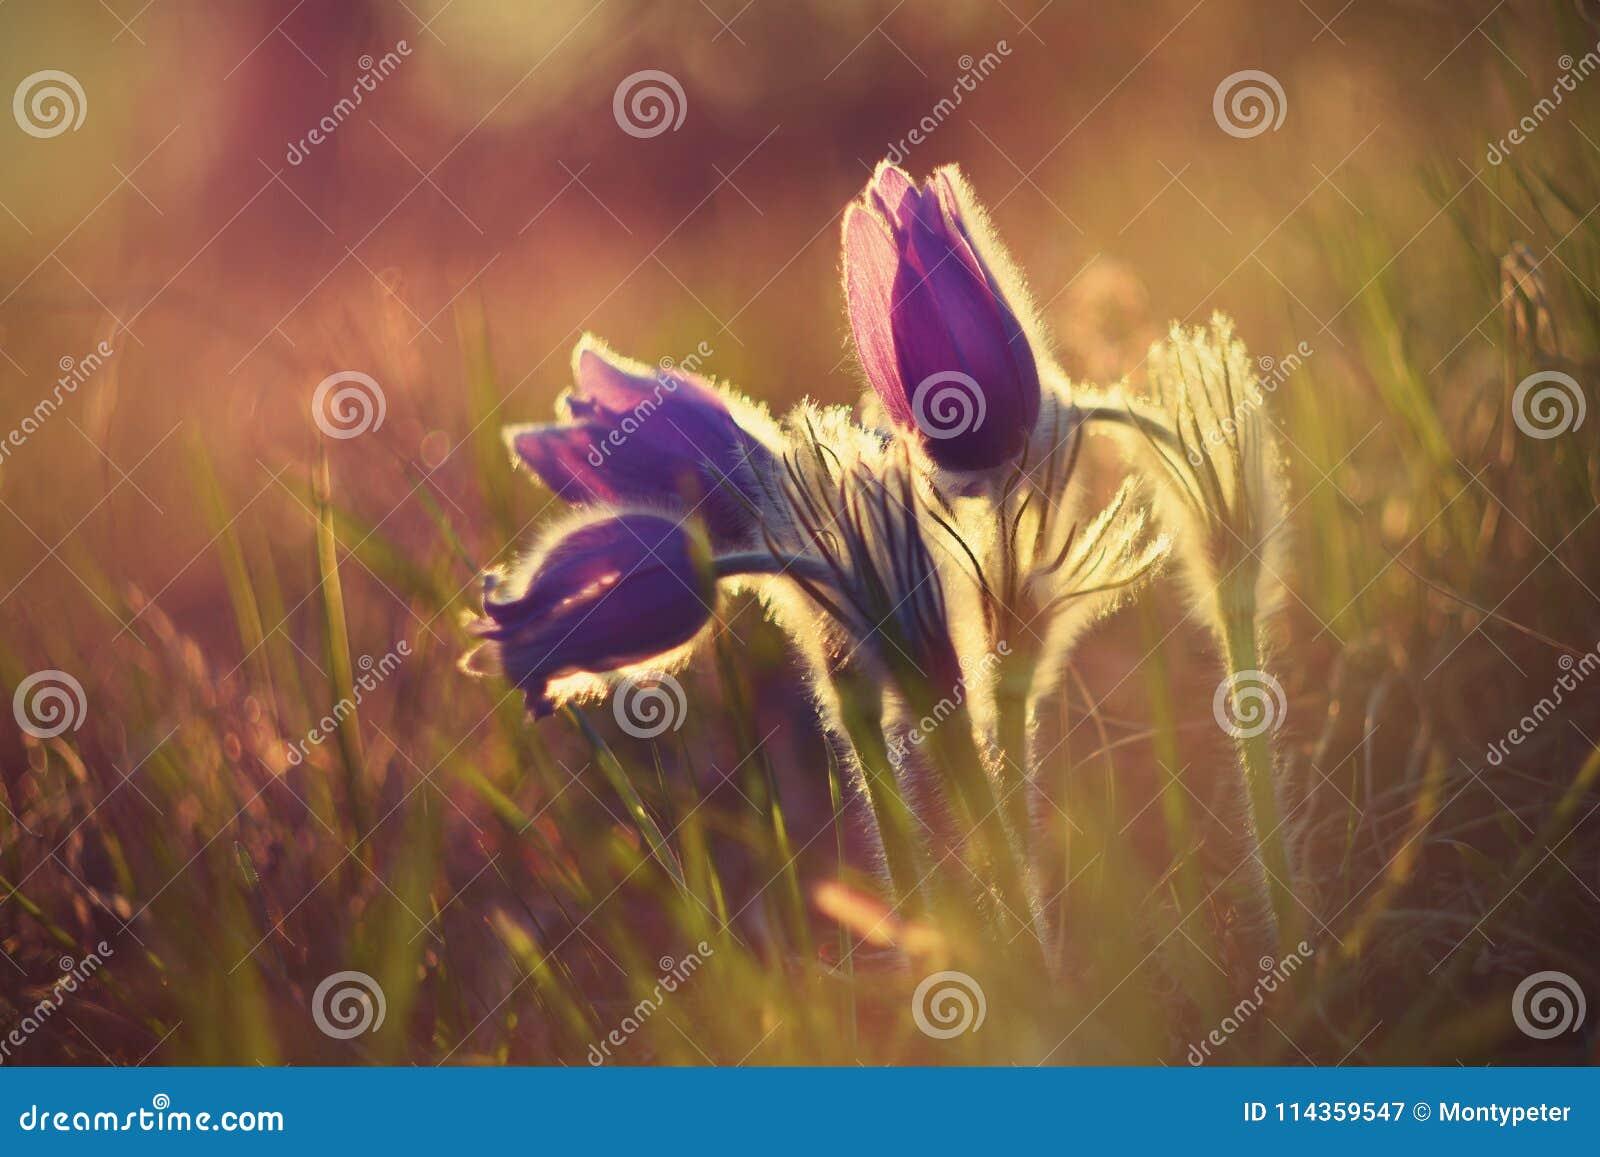 Цветок весеннего времени Красивый фиолетовый маленький меховой pasque-цветок Grandis Pulsatilla зацветая на луге весны на заходе